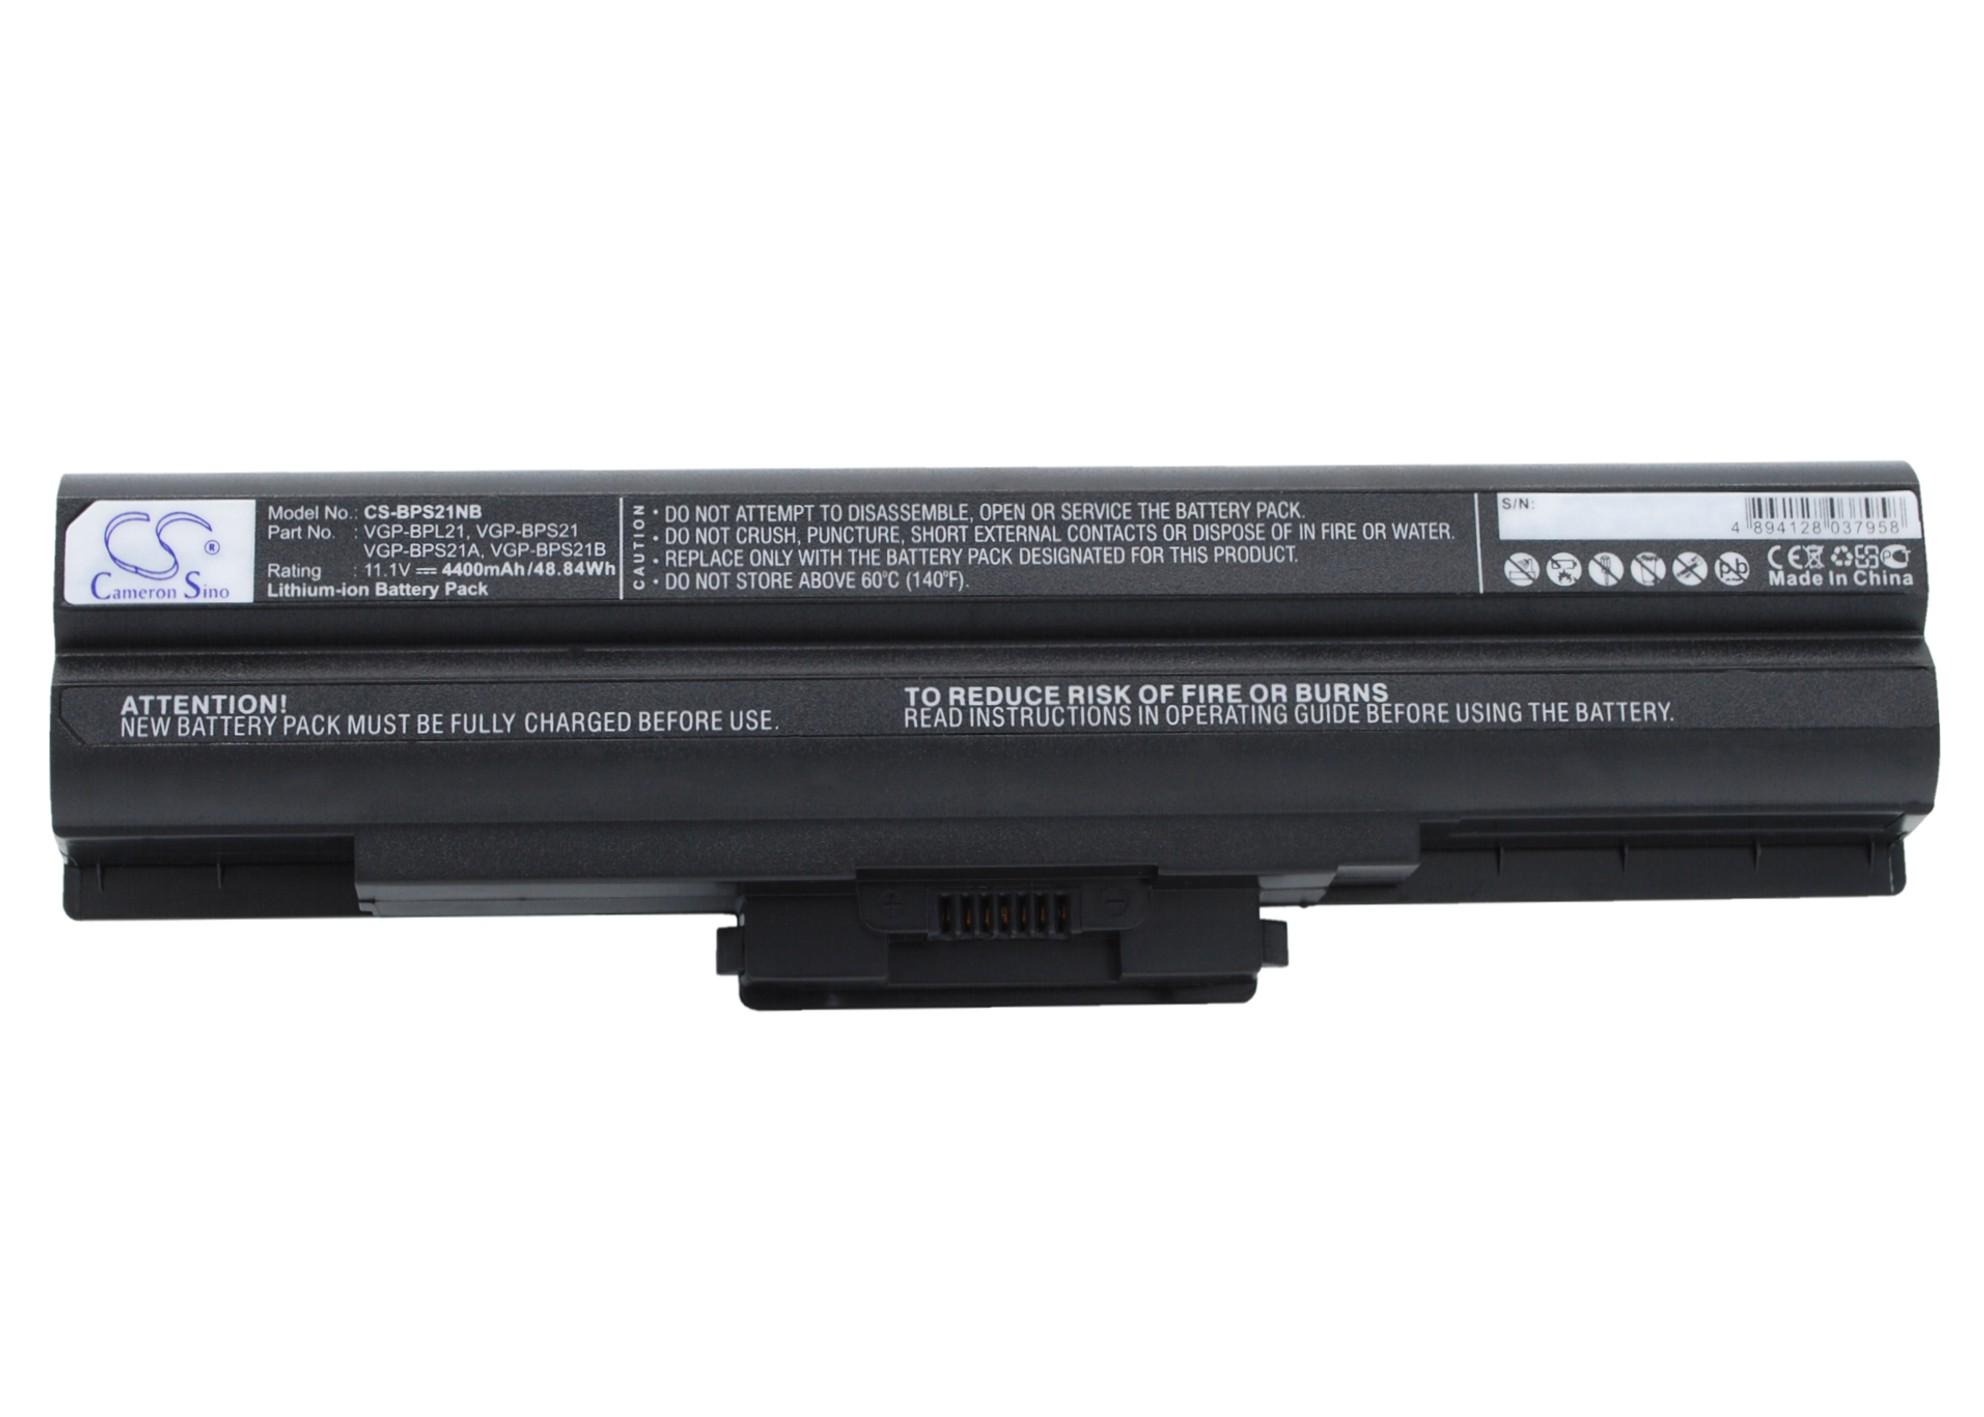 Cameron Sino baterie do notebooků pro SONY VAIO VGN-FW21L 11.1V Li-ion 4400mAh černá - neoriginální